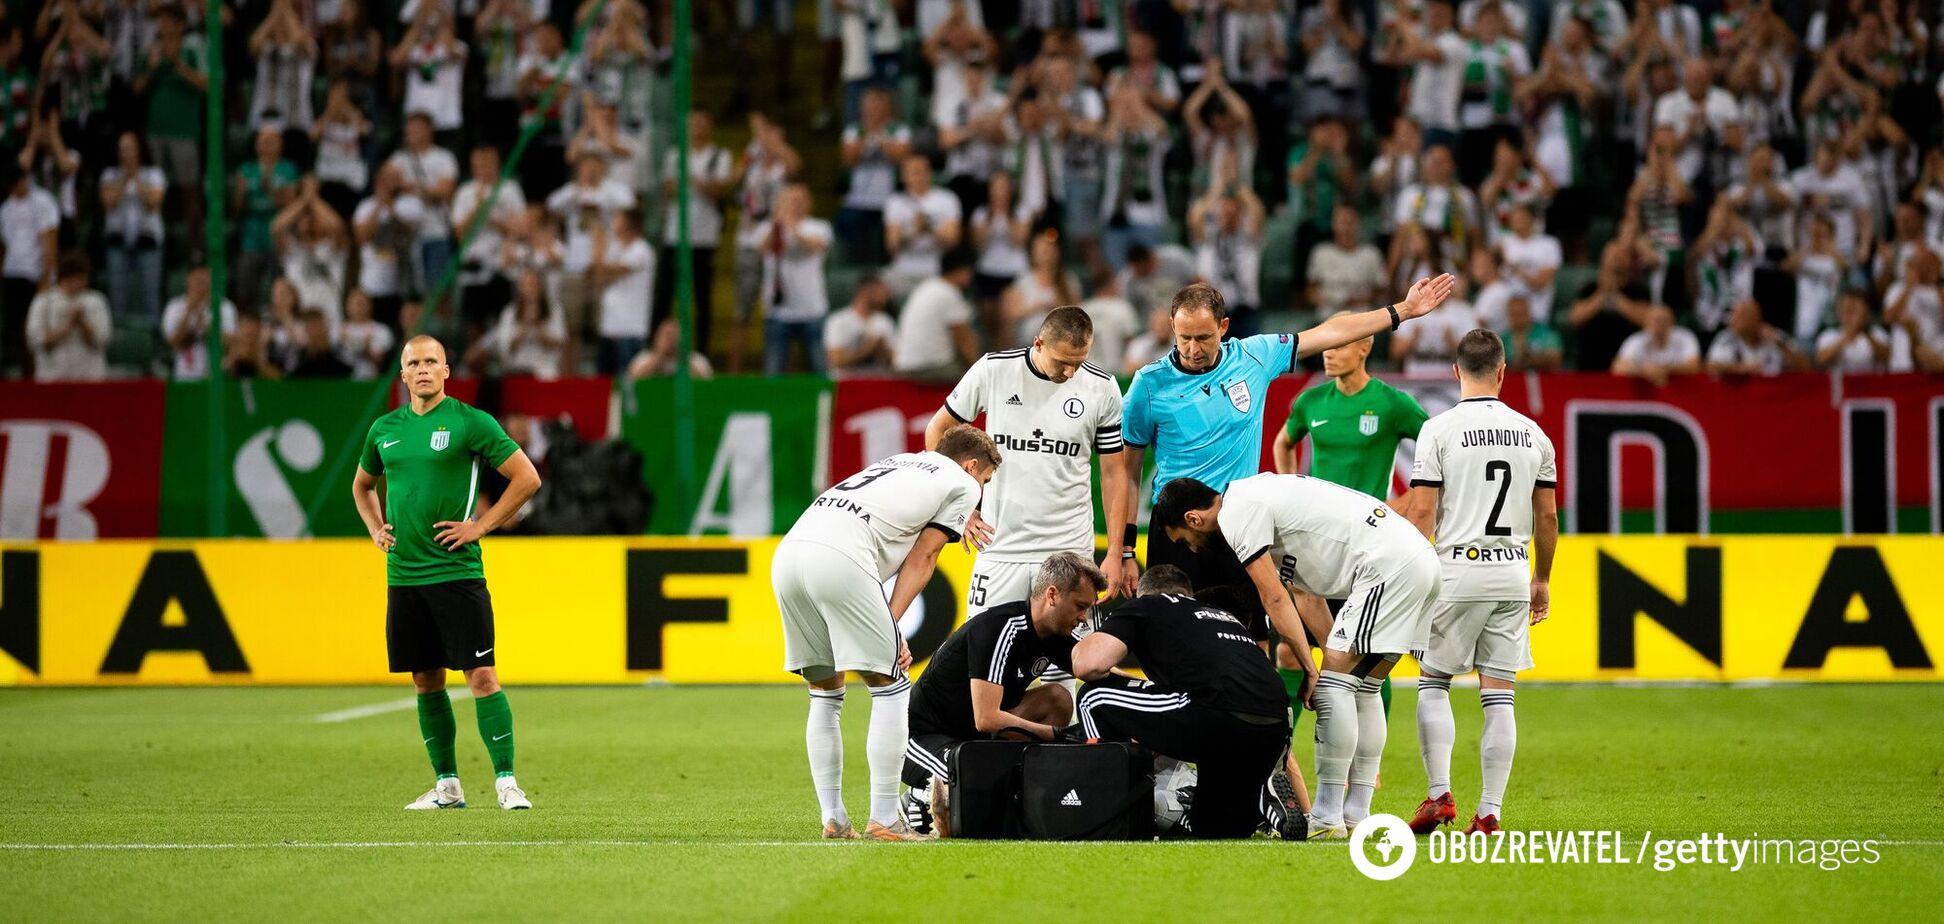 Капустка травмировался в матче с Флорой и не смог продолжить игру